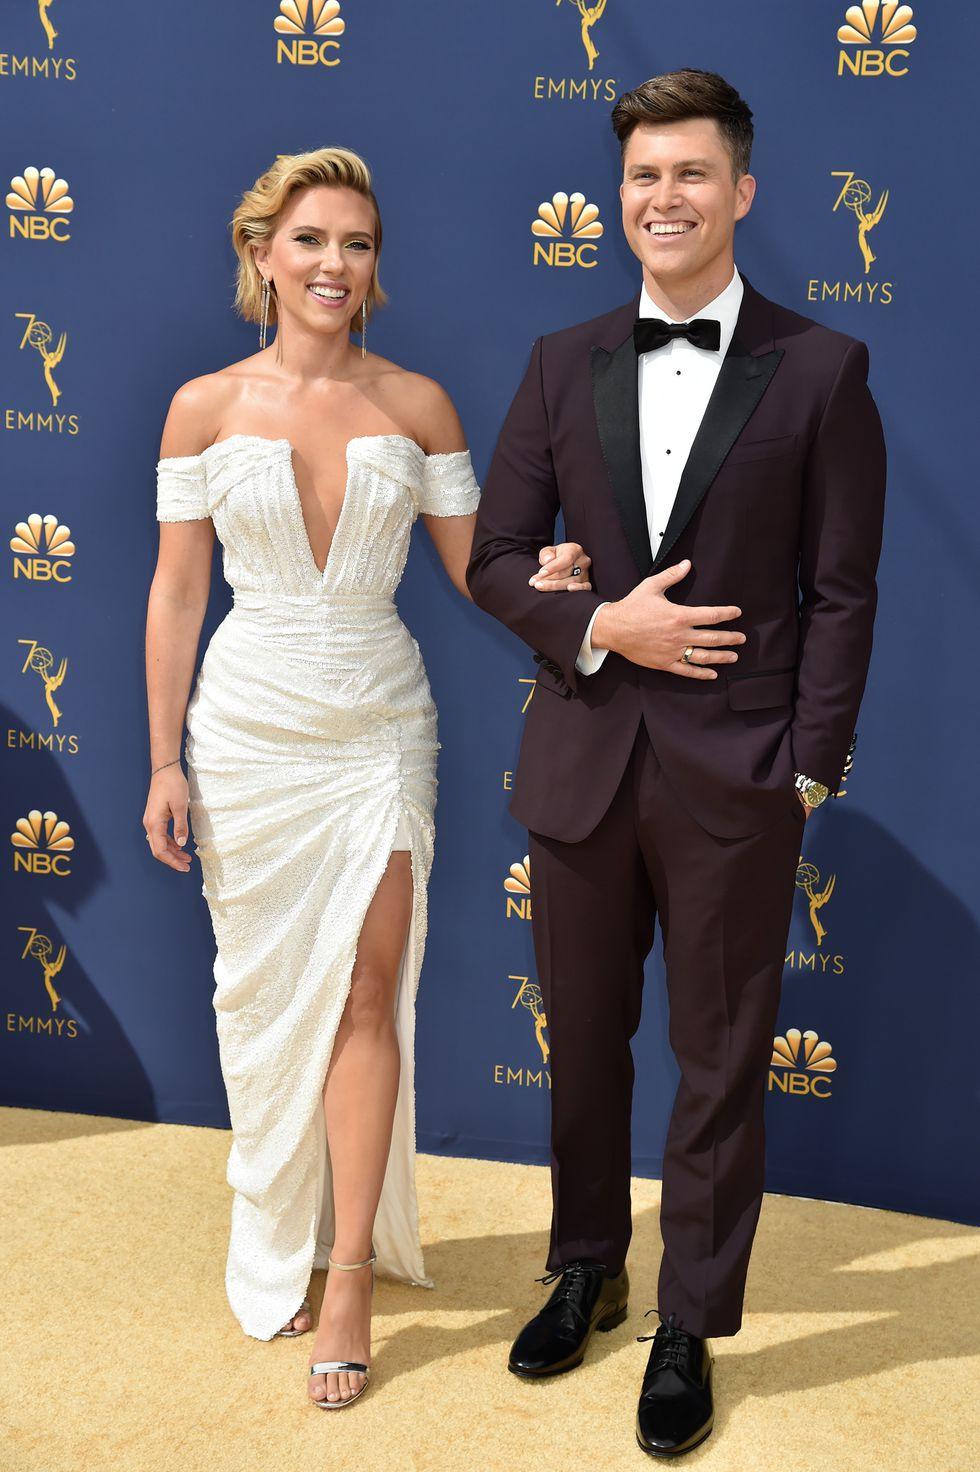 Scarlett Johansson and Colin Jost in Dolce & Gabbana. Scarlett wears Christian Louboutin heels.